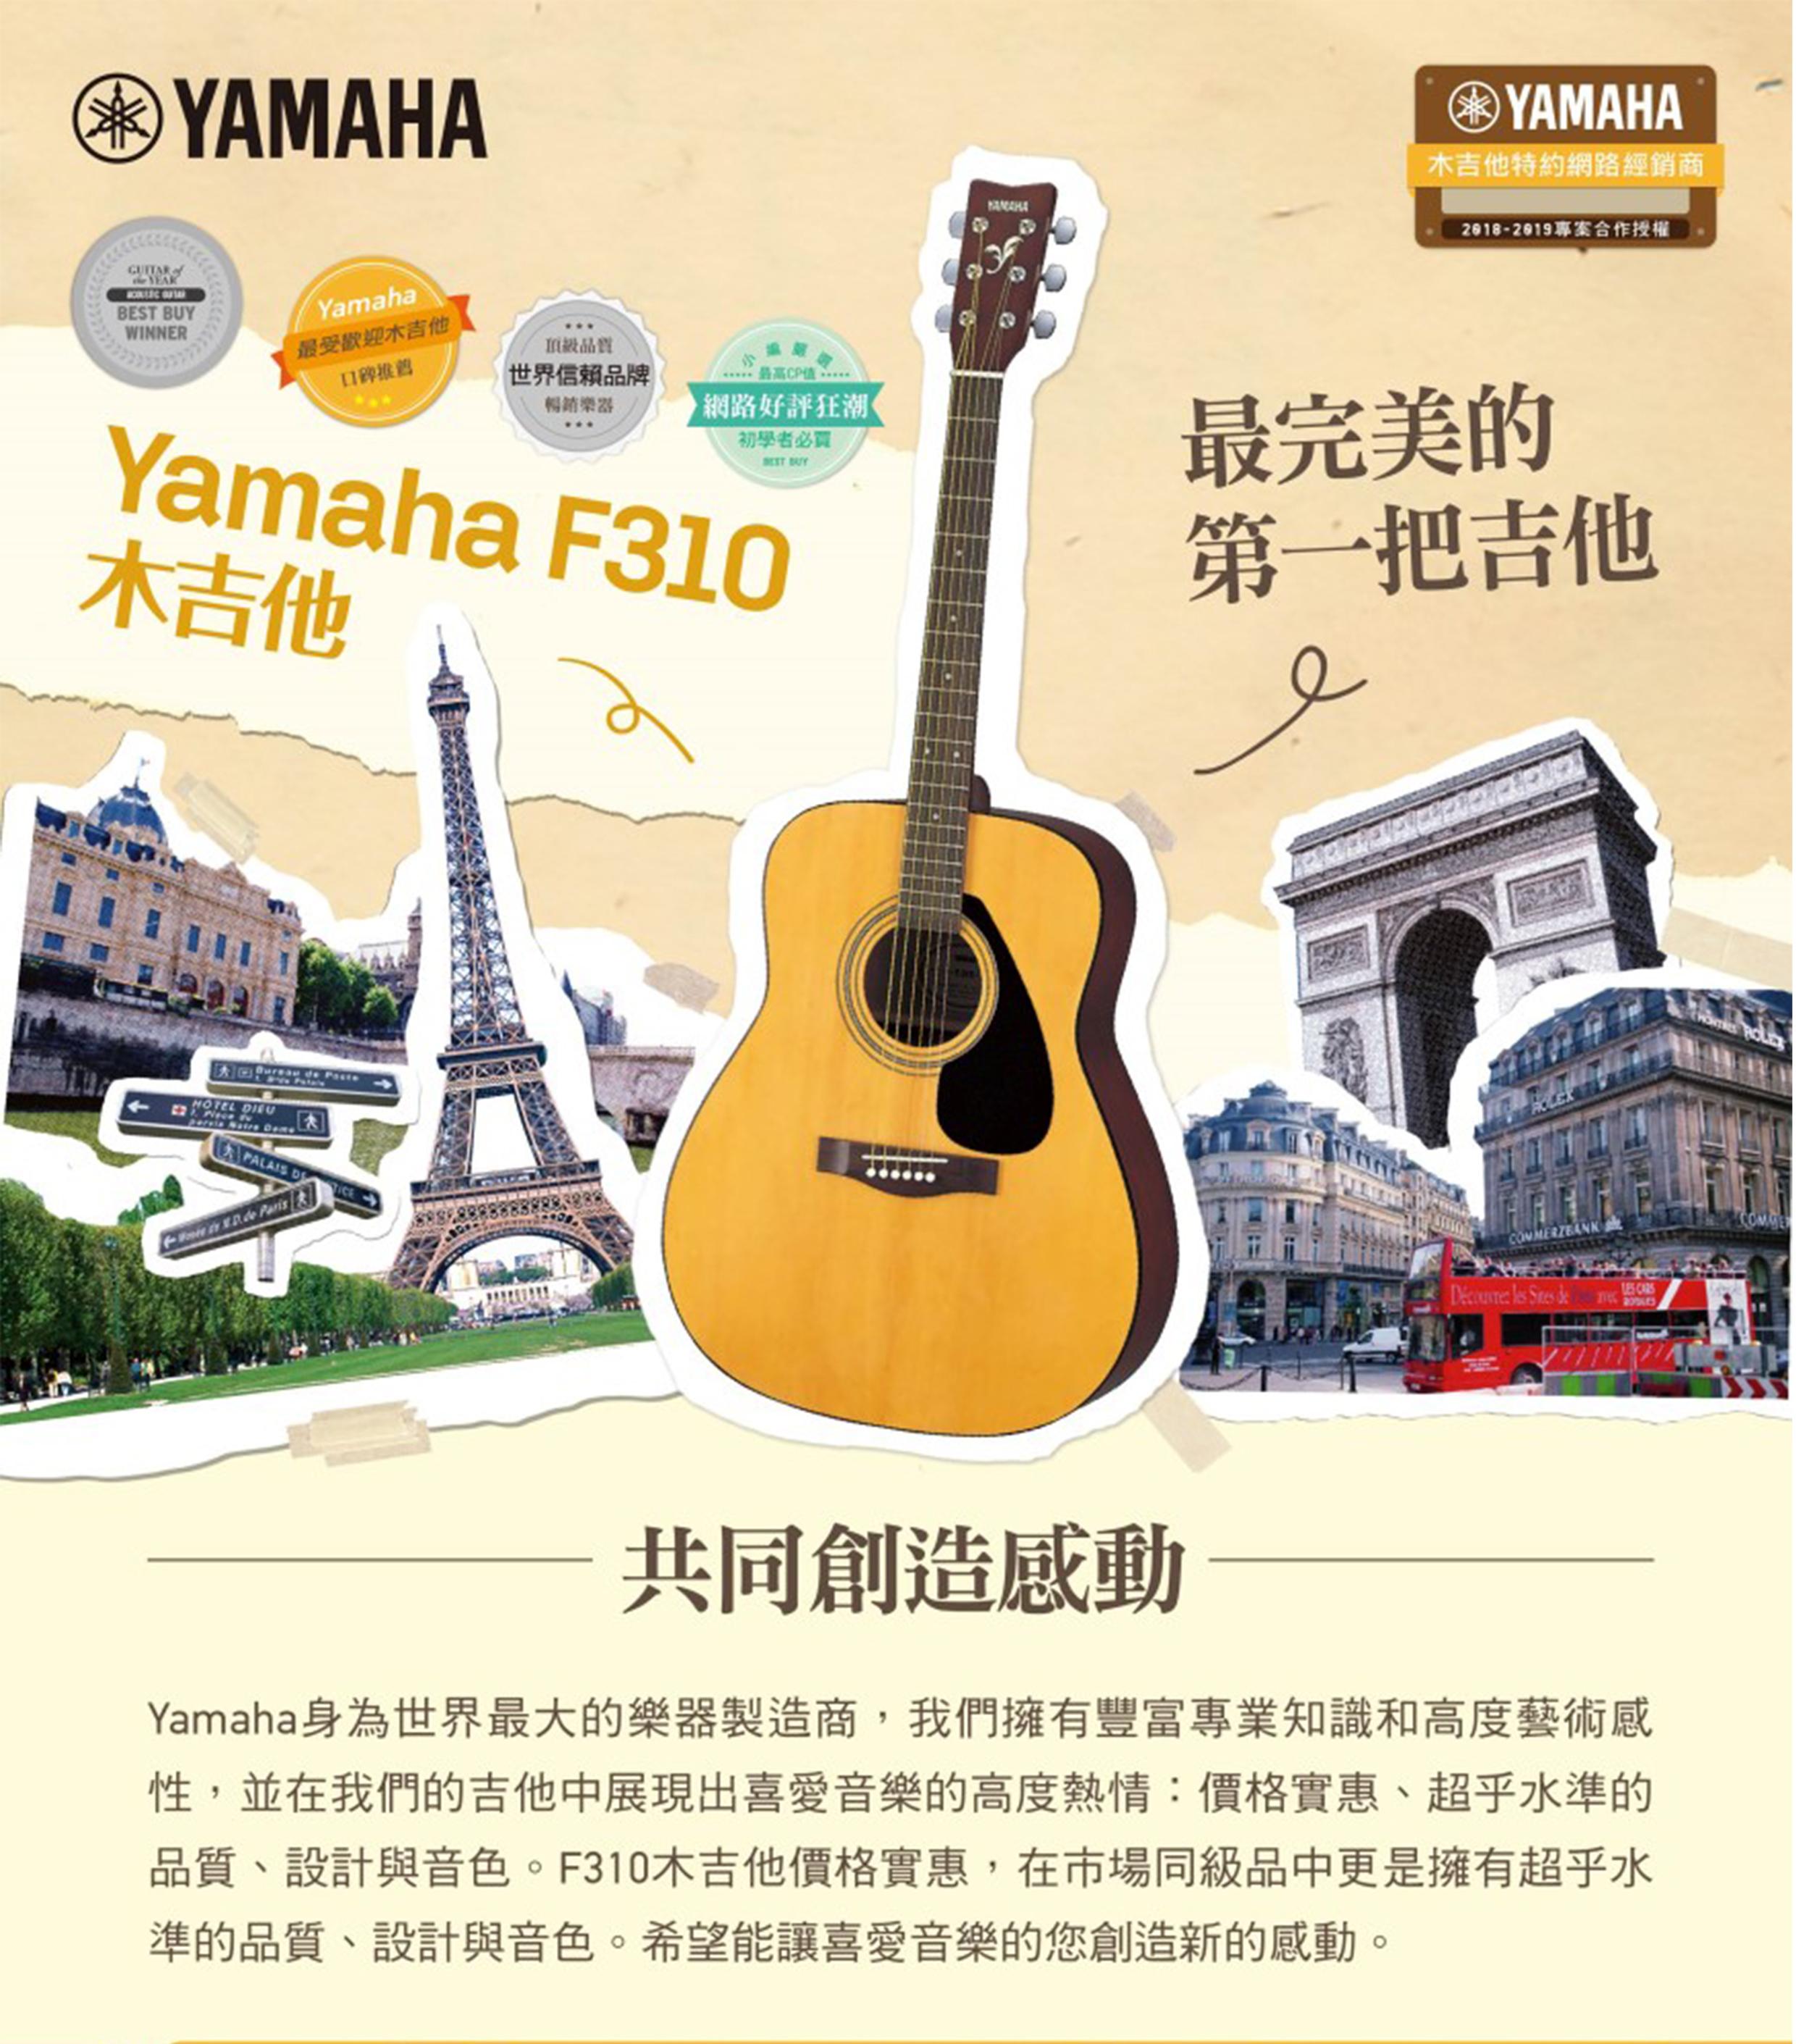 【非凡樂器】YAMAHA 山葉民謠吉他木吉他 漸層色 F310+專利吉他架『超值優惠套餐組』